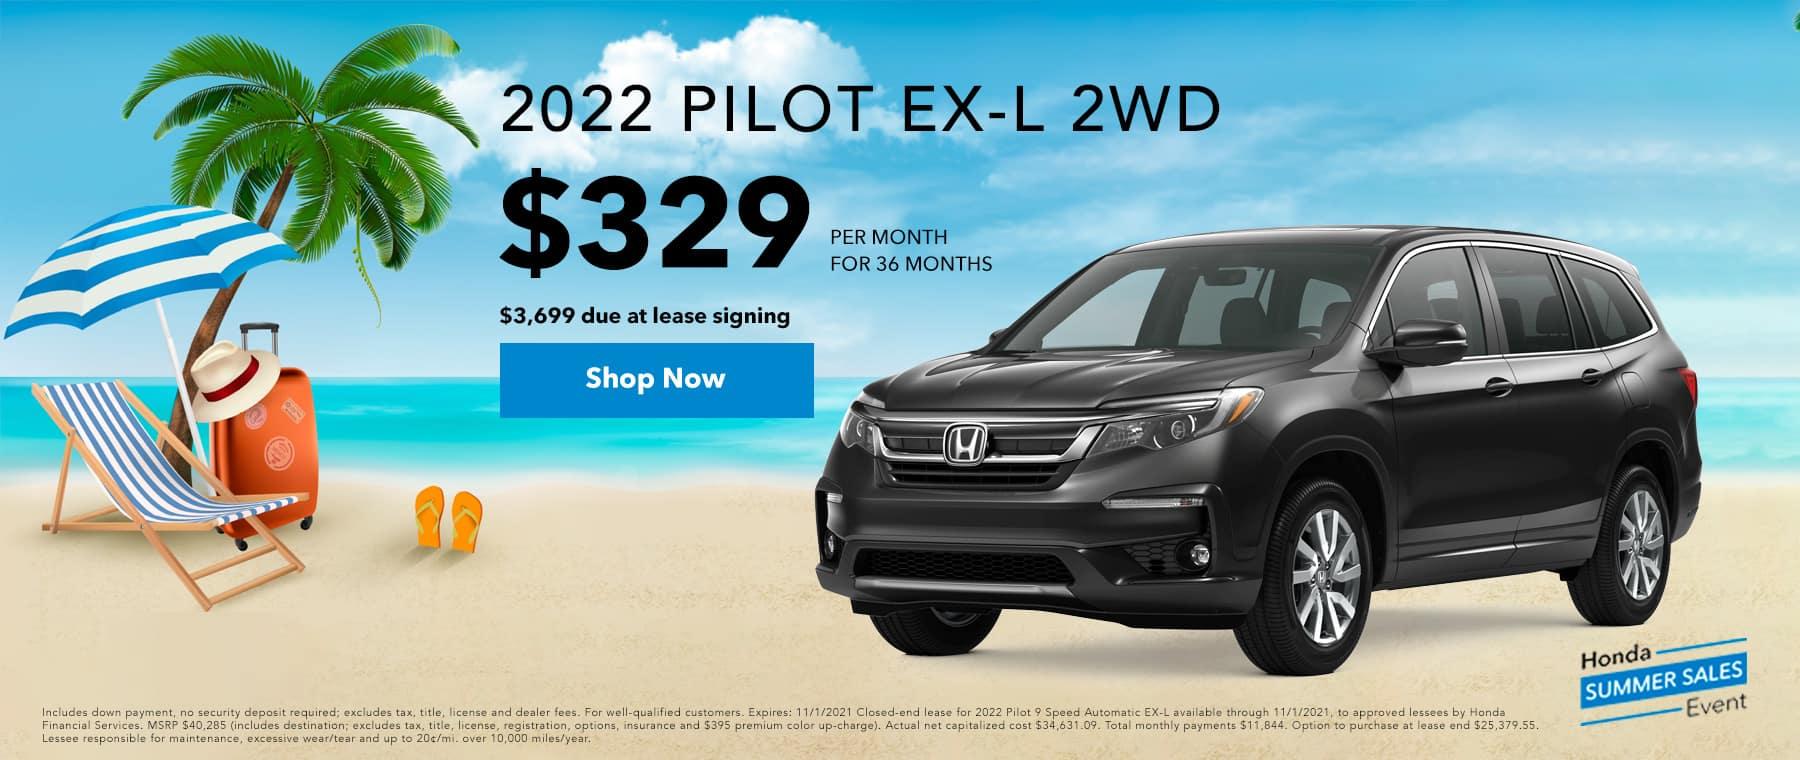 2022 Honda Pilot EX-L for $329